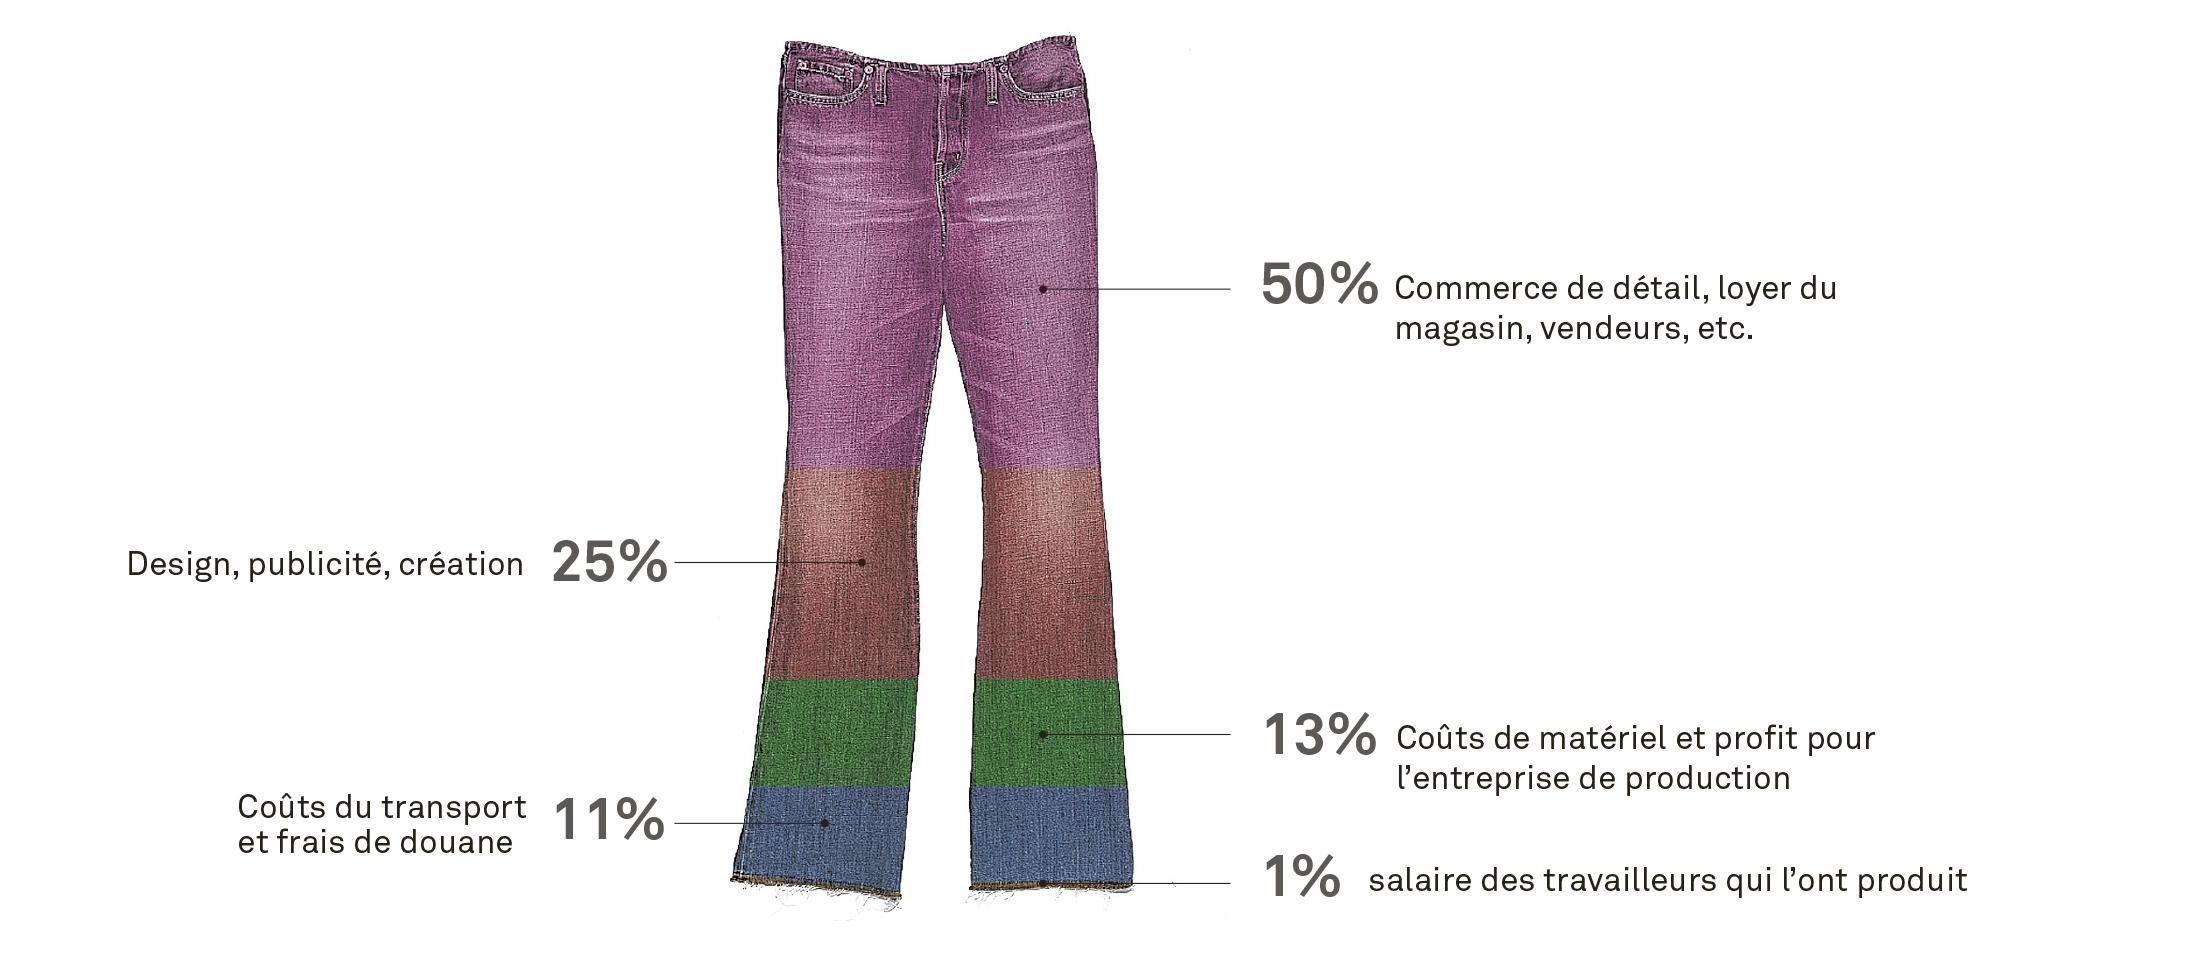 Schéma illustrant la répartition du prix de vente en magasin d'un jeans en coton.